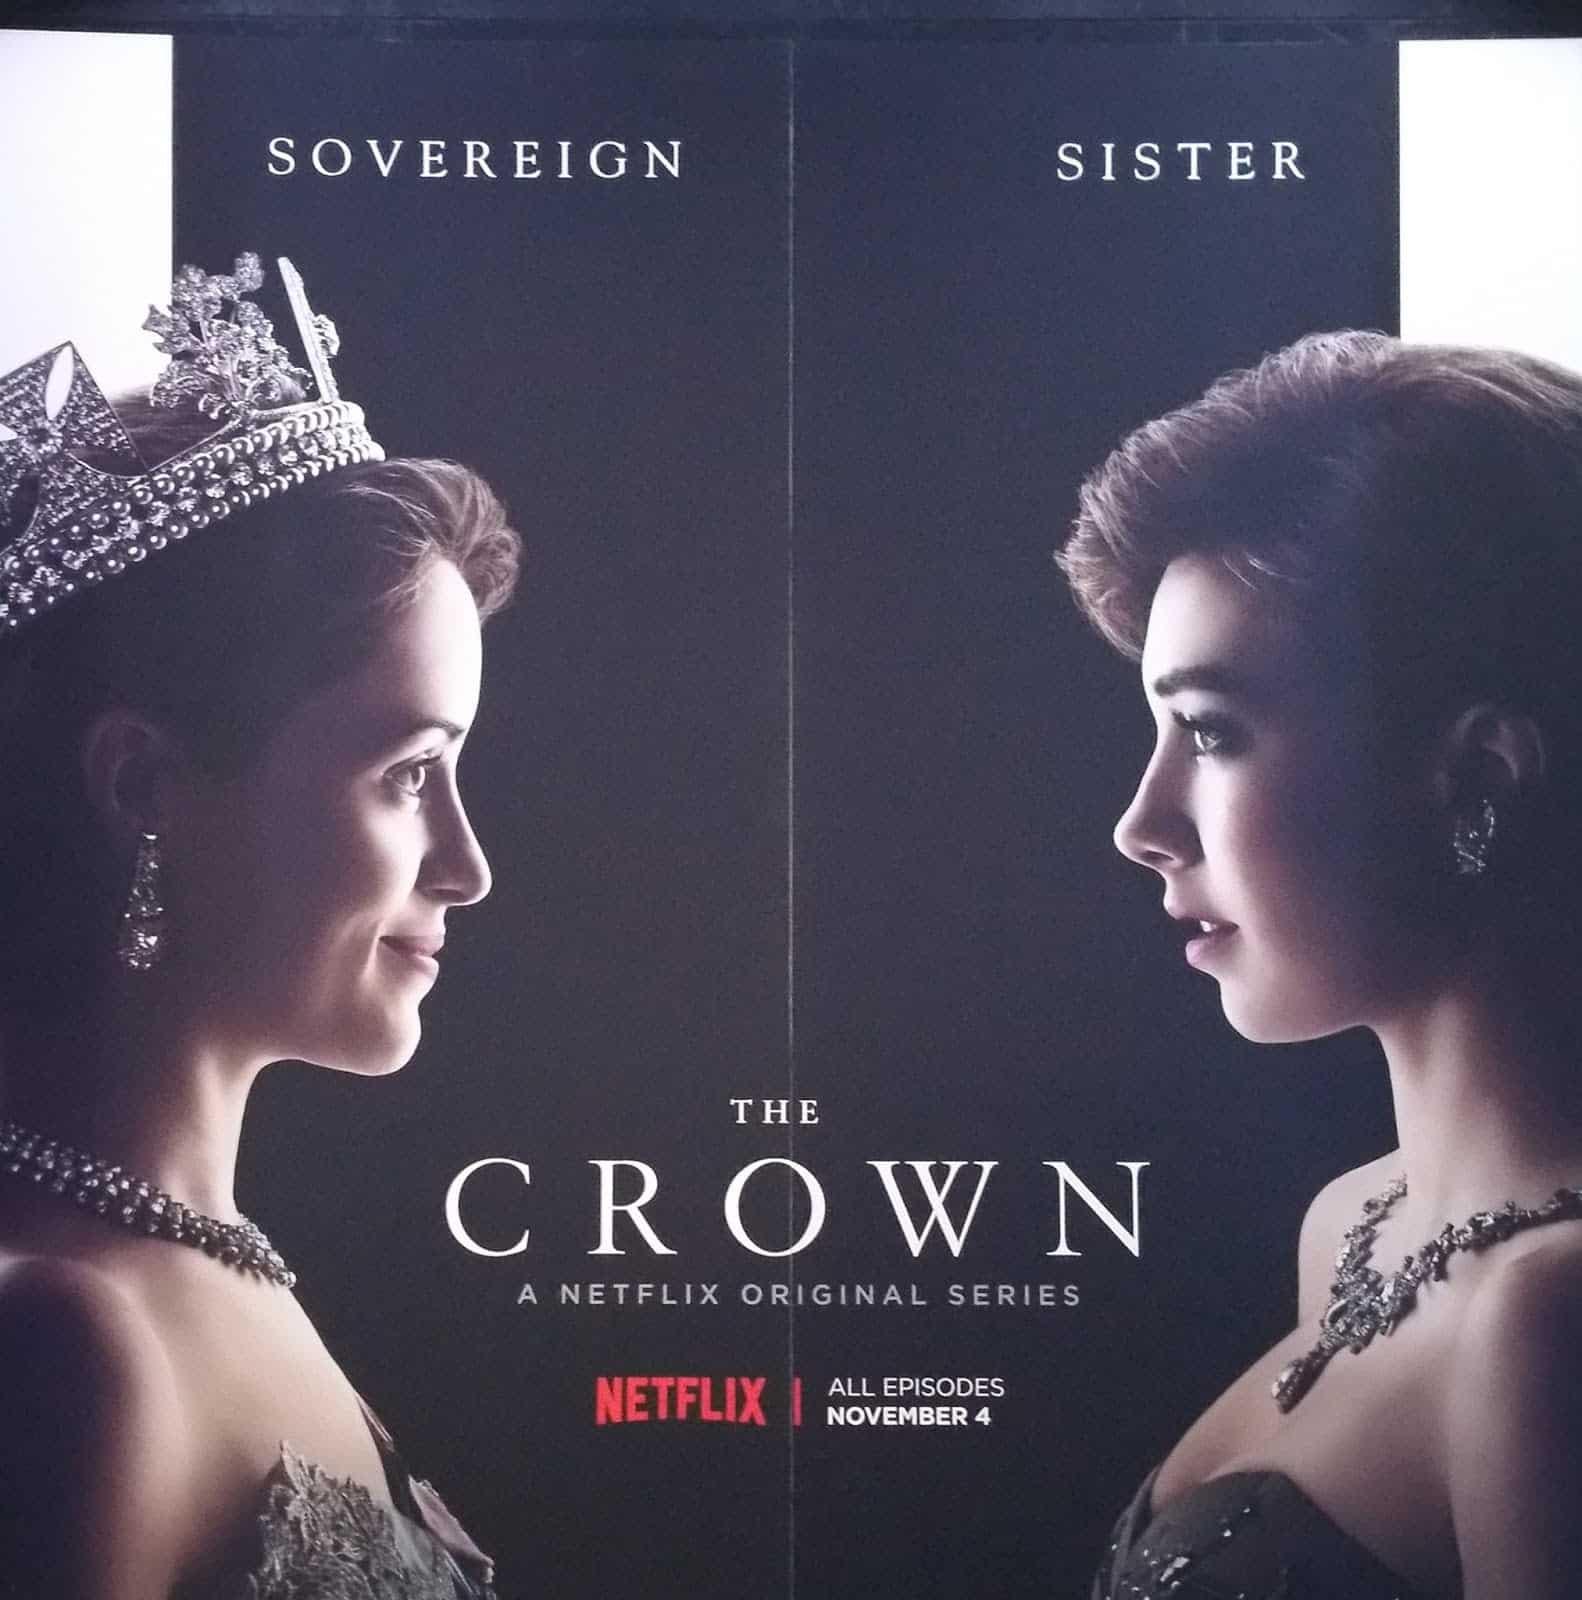 The Crown | Μια πρωτότυπη σειρά του Netflix για να μπείτε στο κλίμα των ημερών!